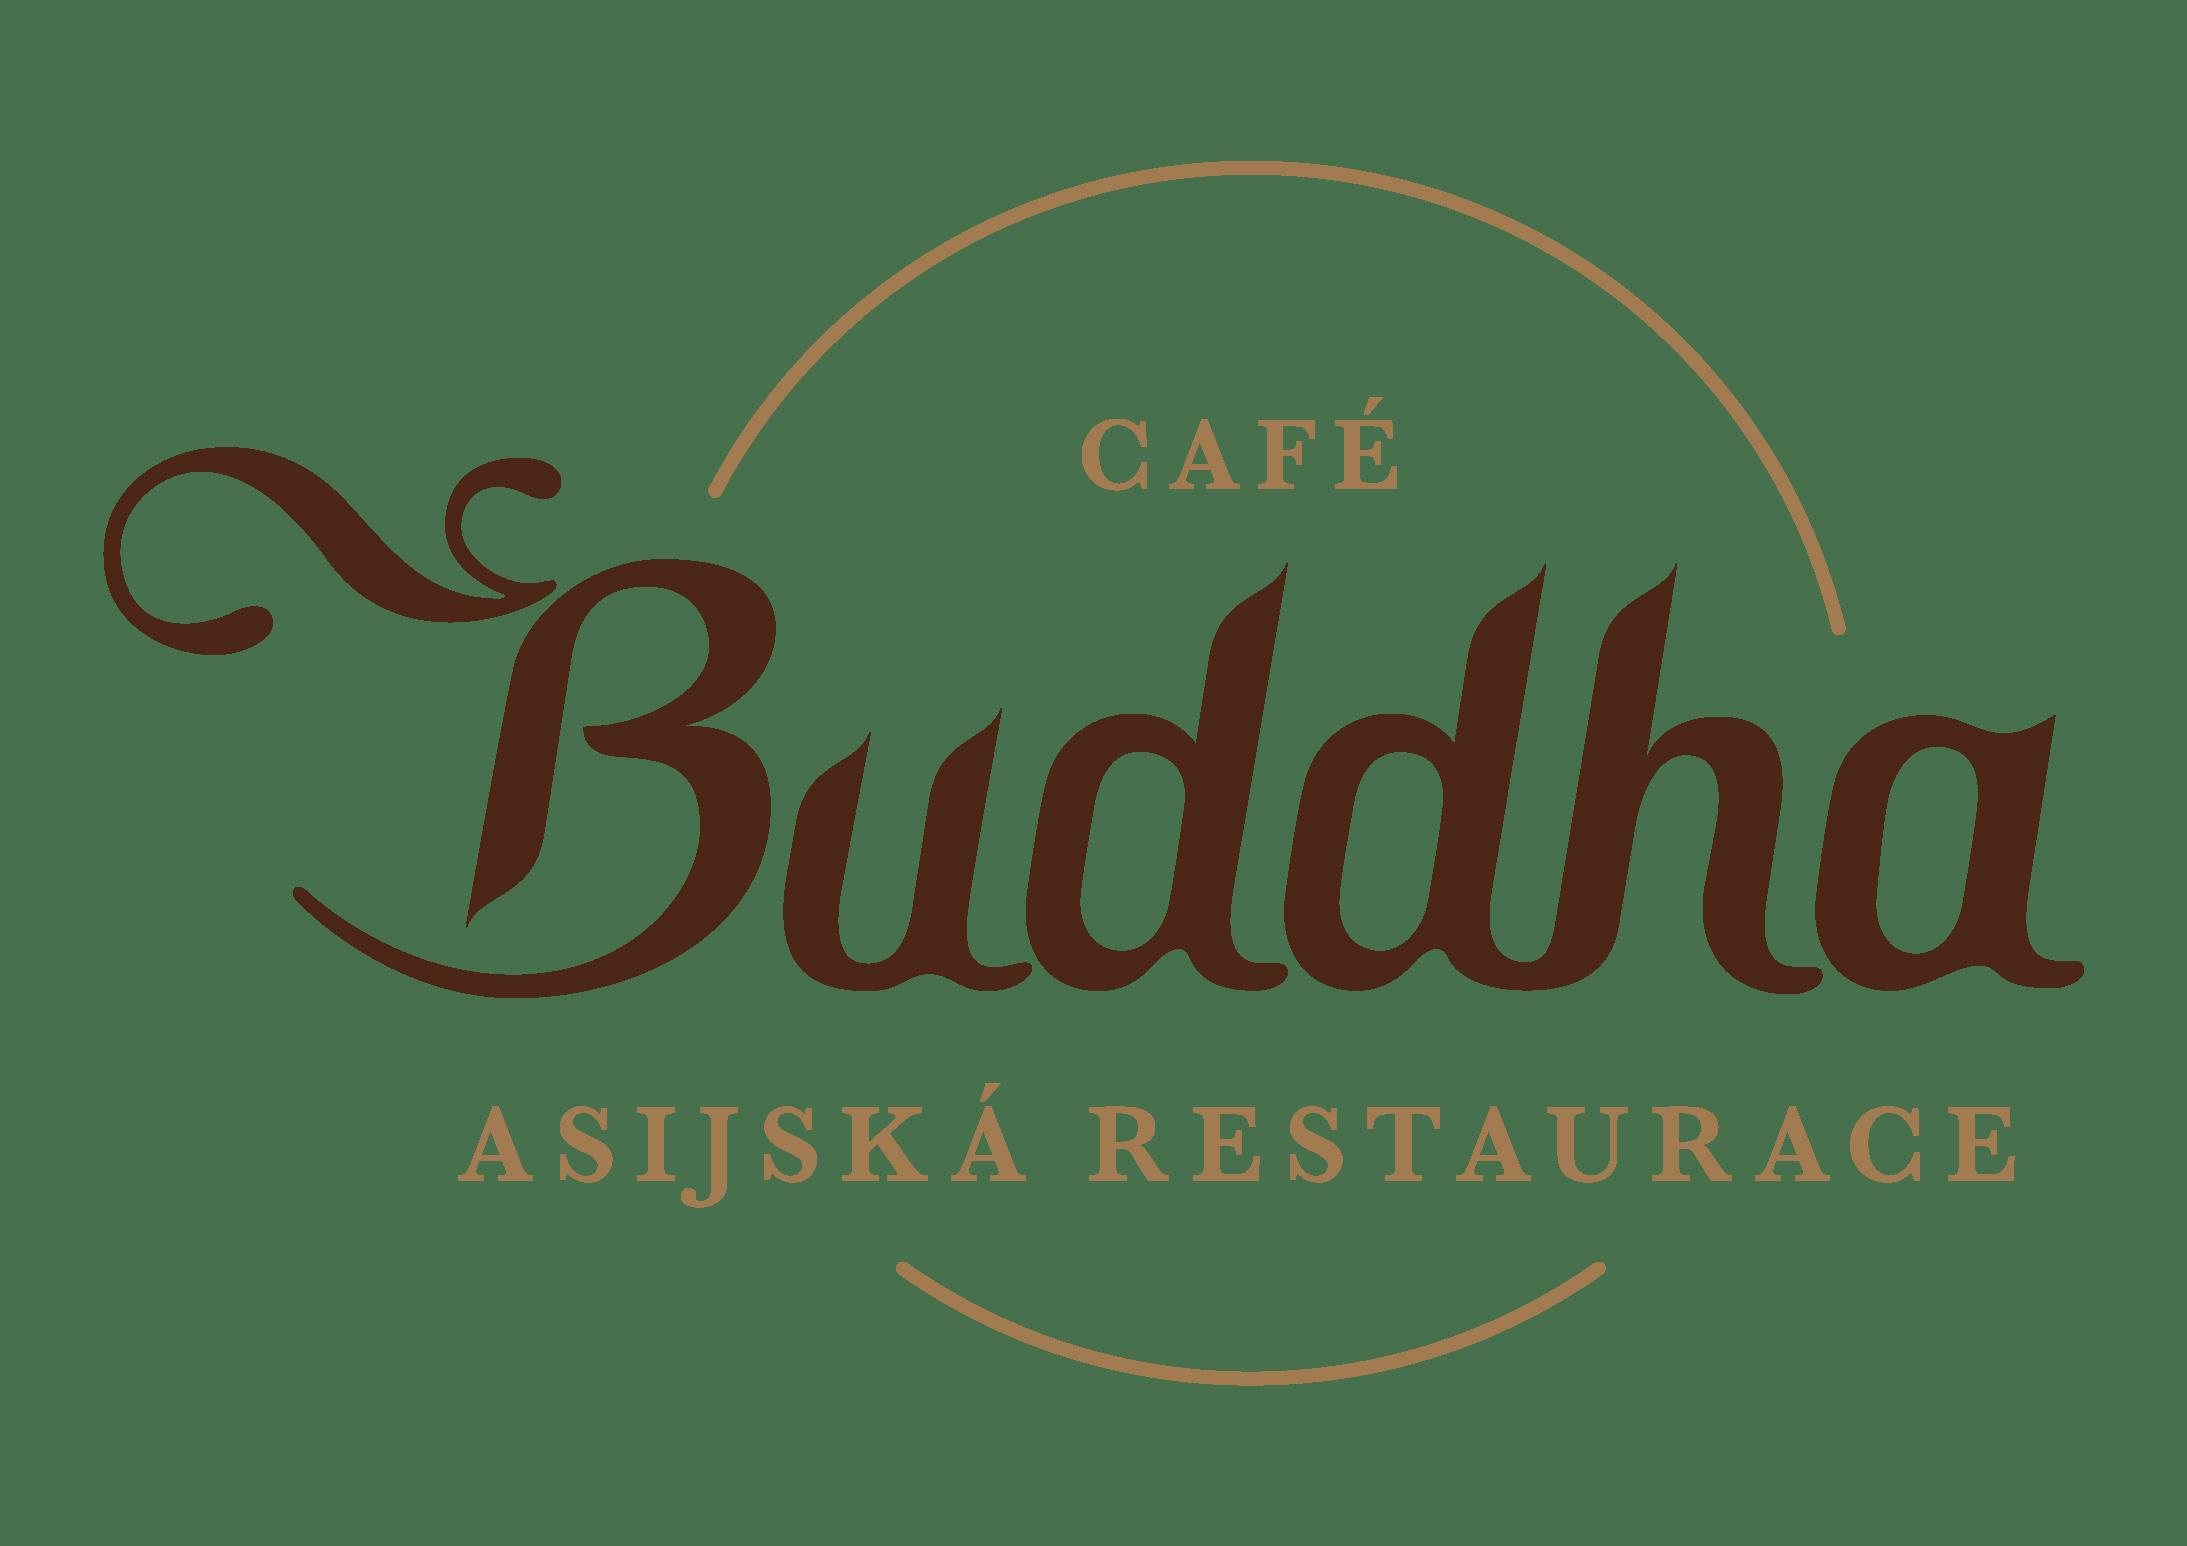 Cafebudha.cz